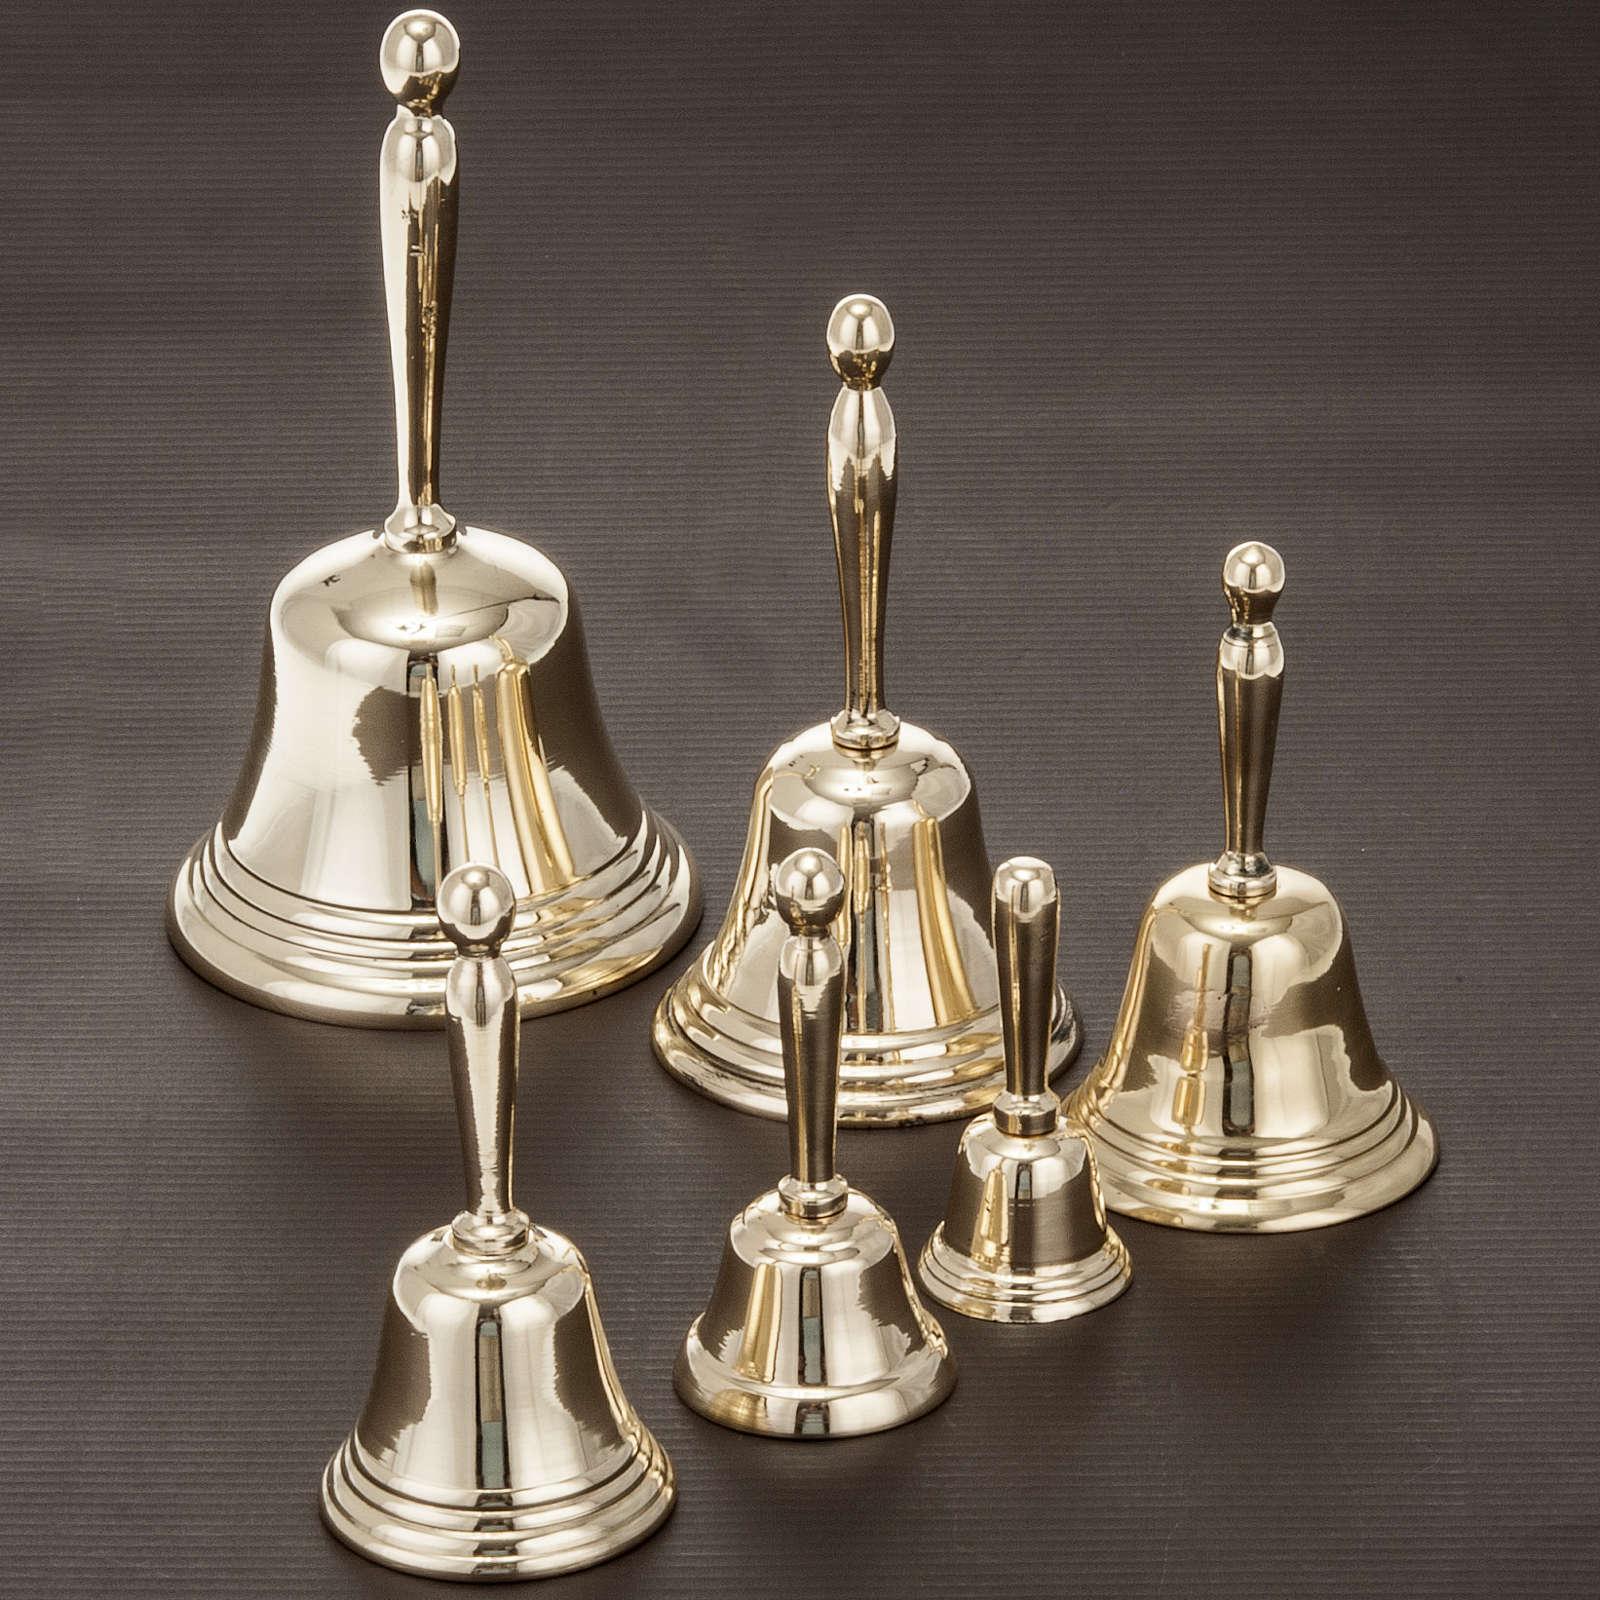 Clochette liturgique un seul son doré diverses mesures 3